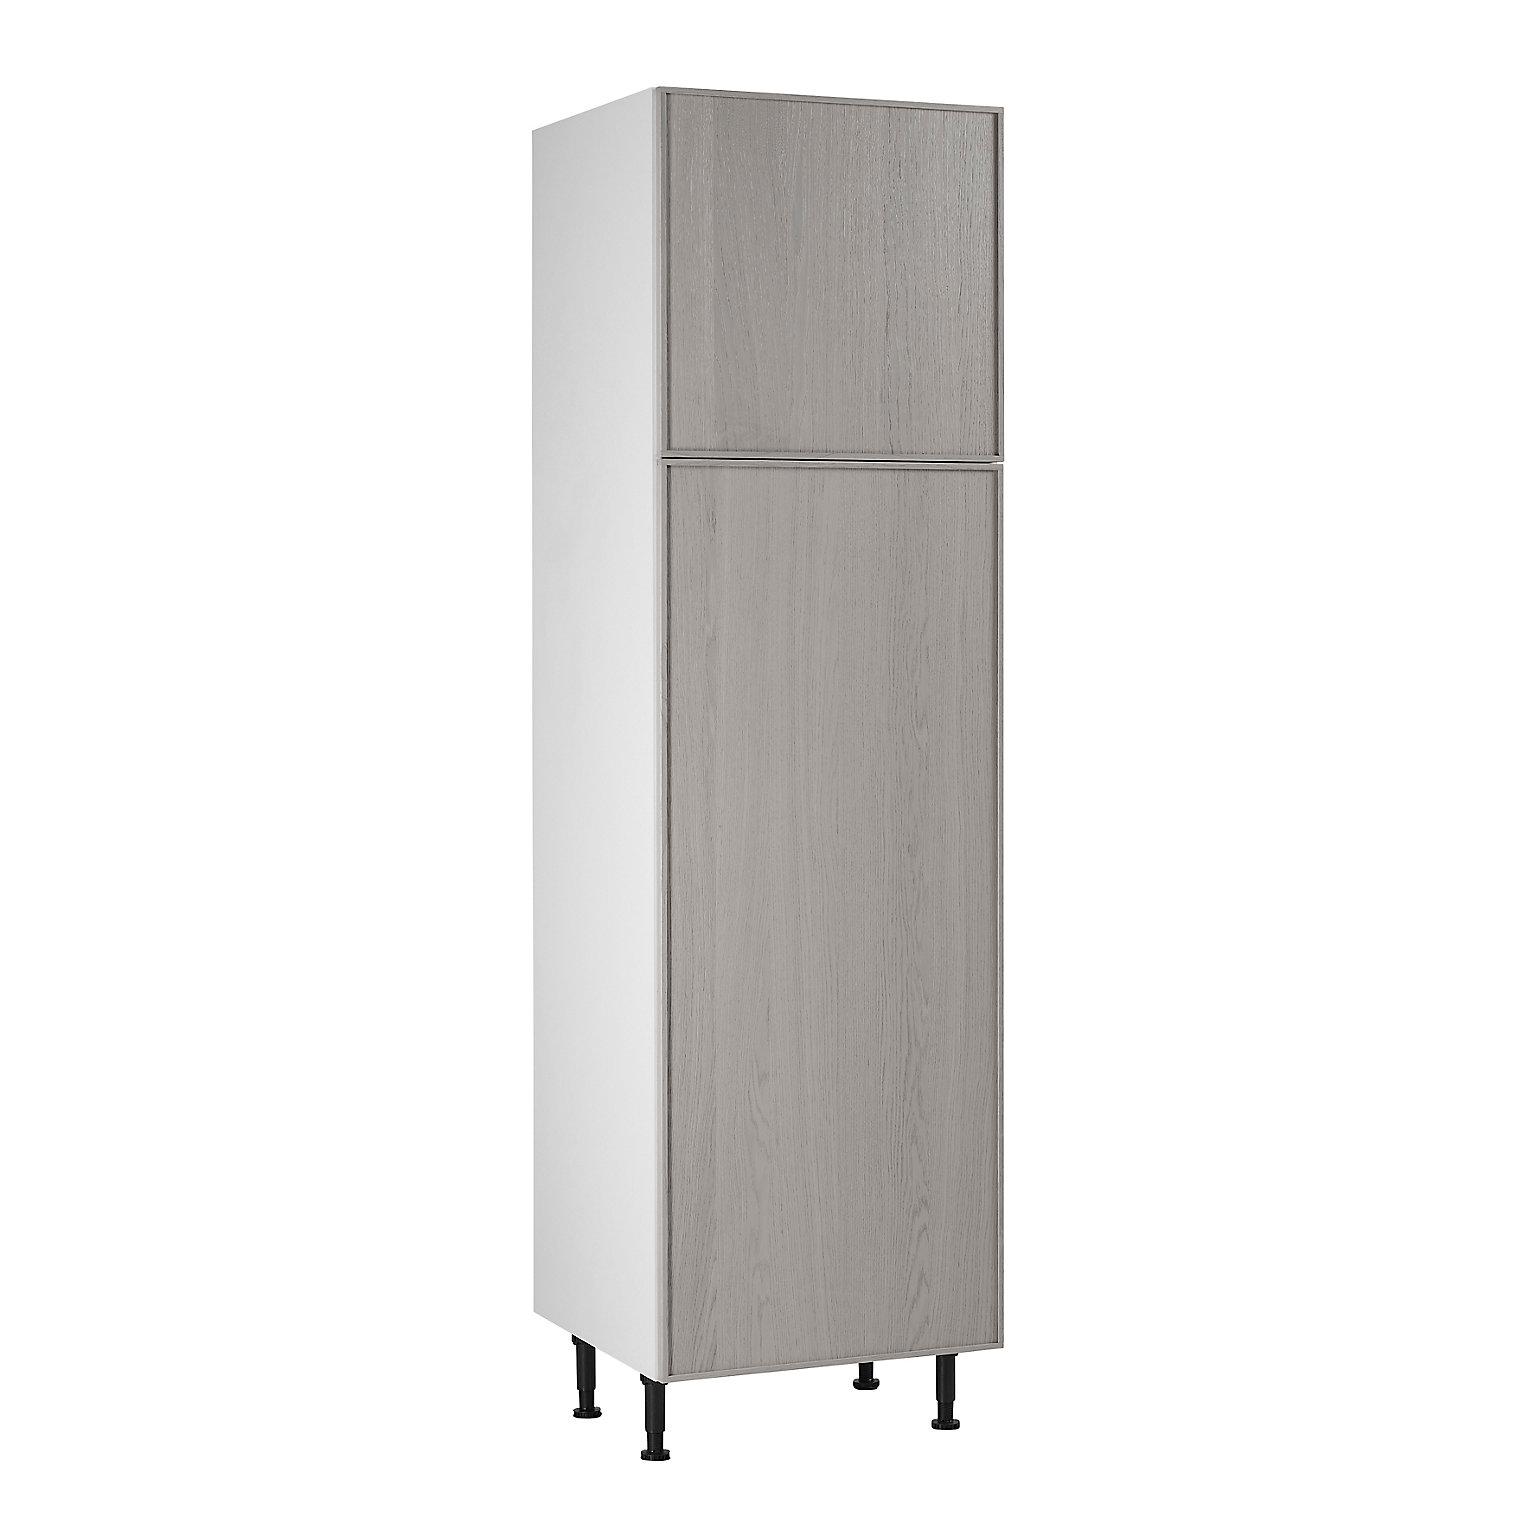 Meuble de cuisine Kontour gris façades 12 portes + caisson colonne L. 12 cm